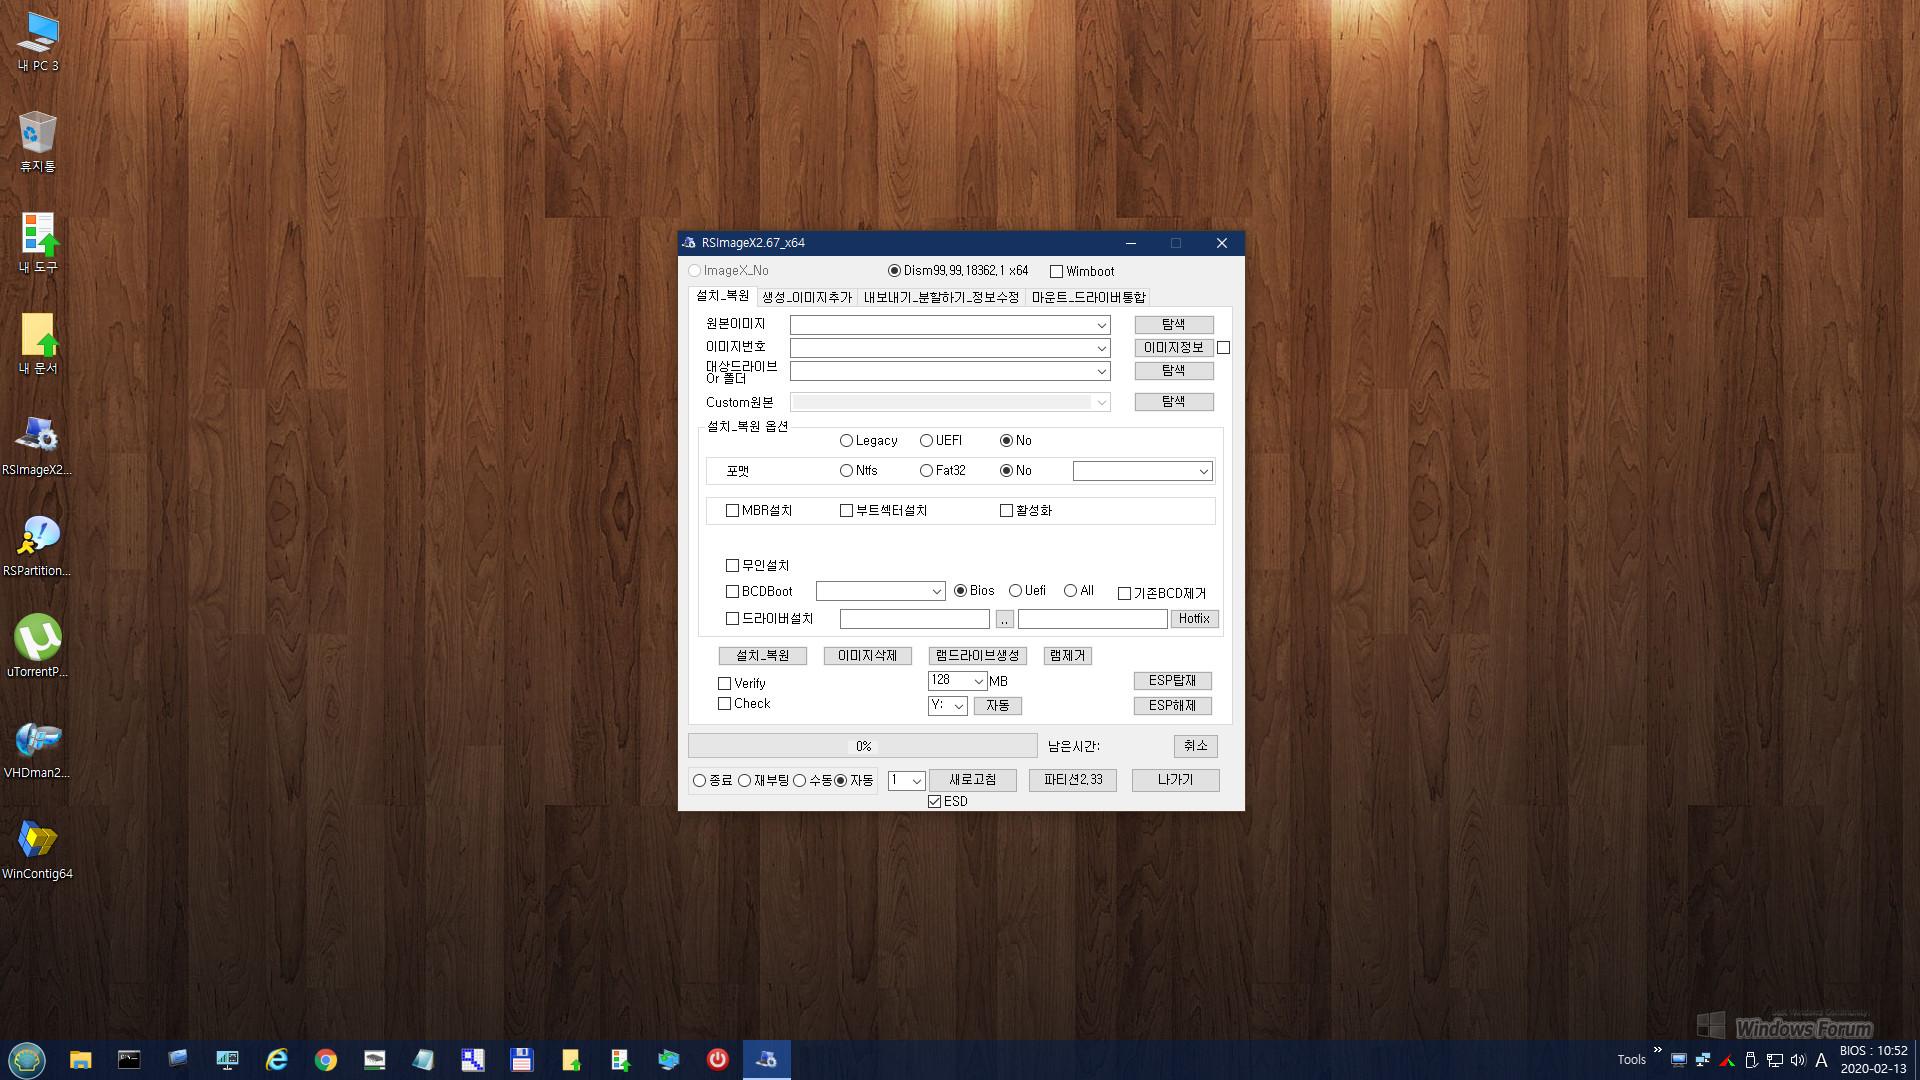 Win10XPE24_x64_18363.387_0009-03.jpg